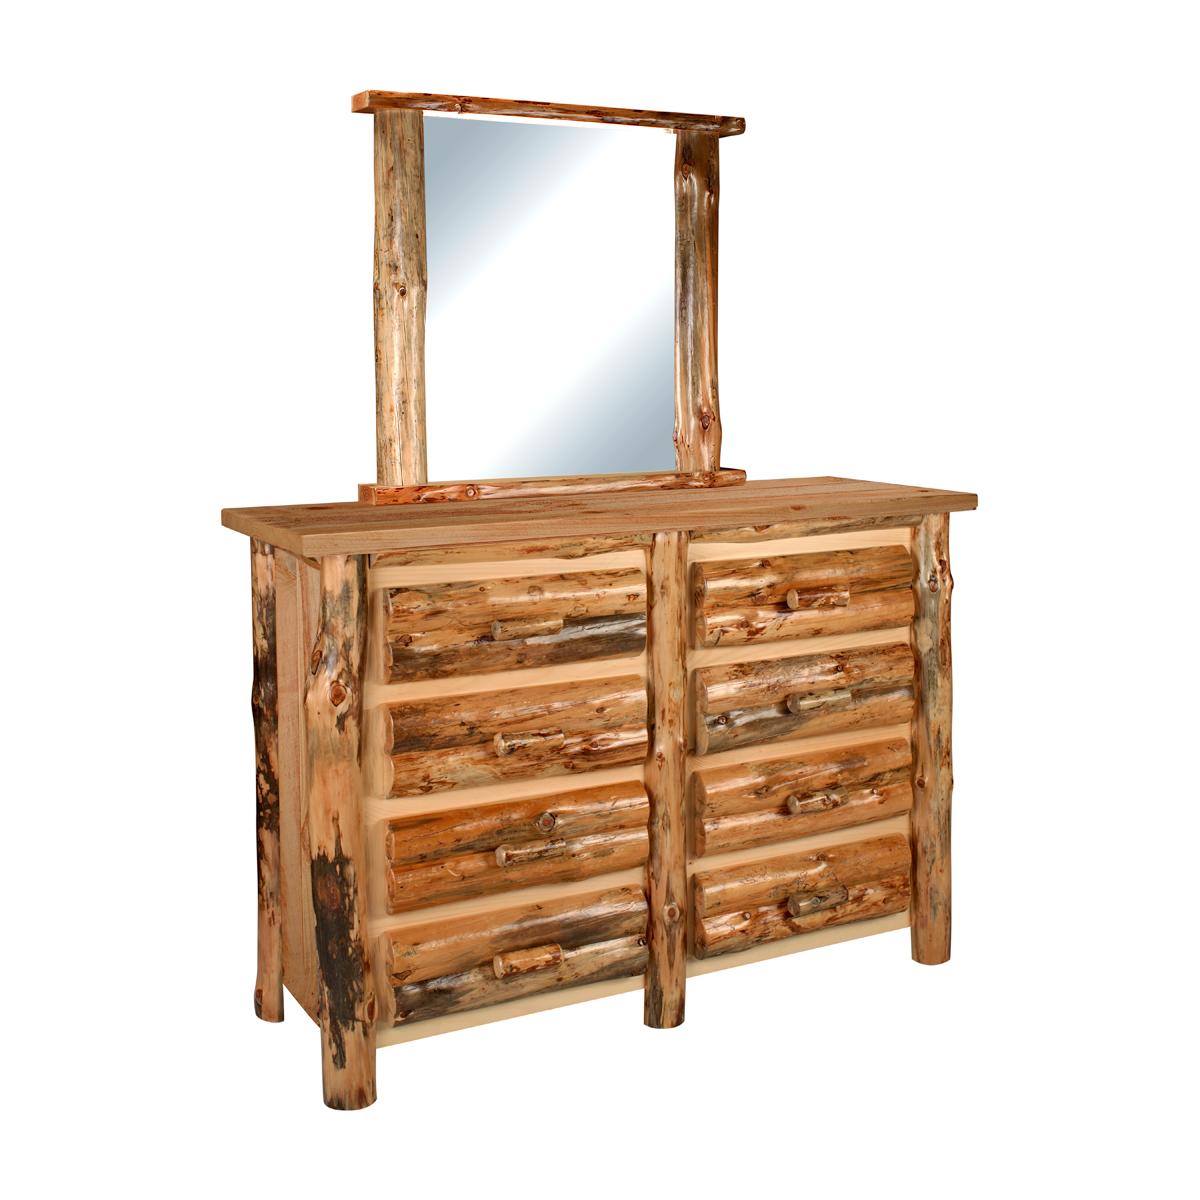 Lodge pole pine bedroom set custom dining furniture kitchen dinettes bedrooms kitchen - Pine bedroom furniture ...